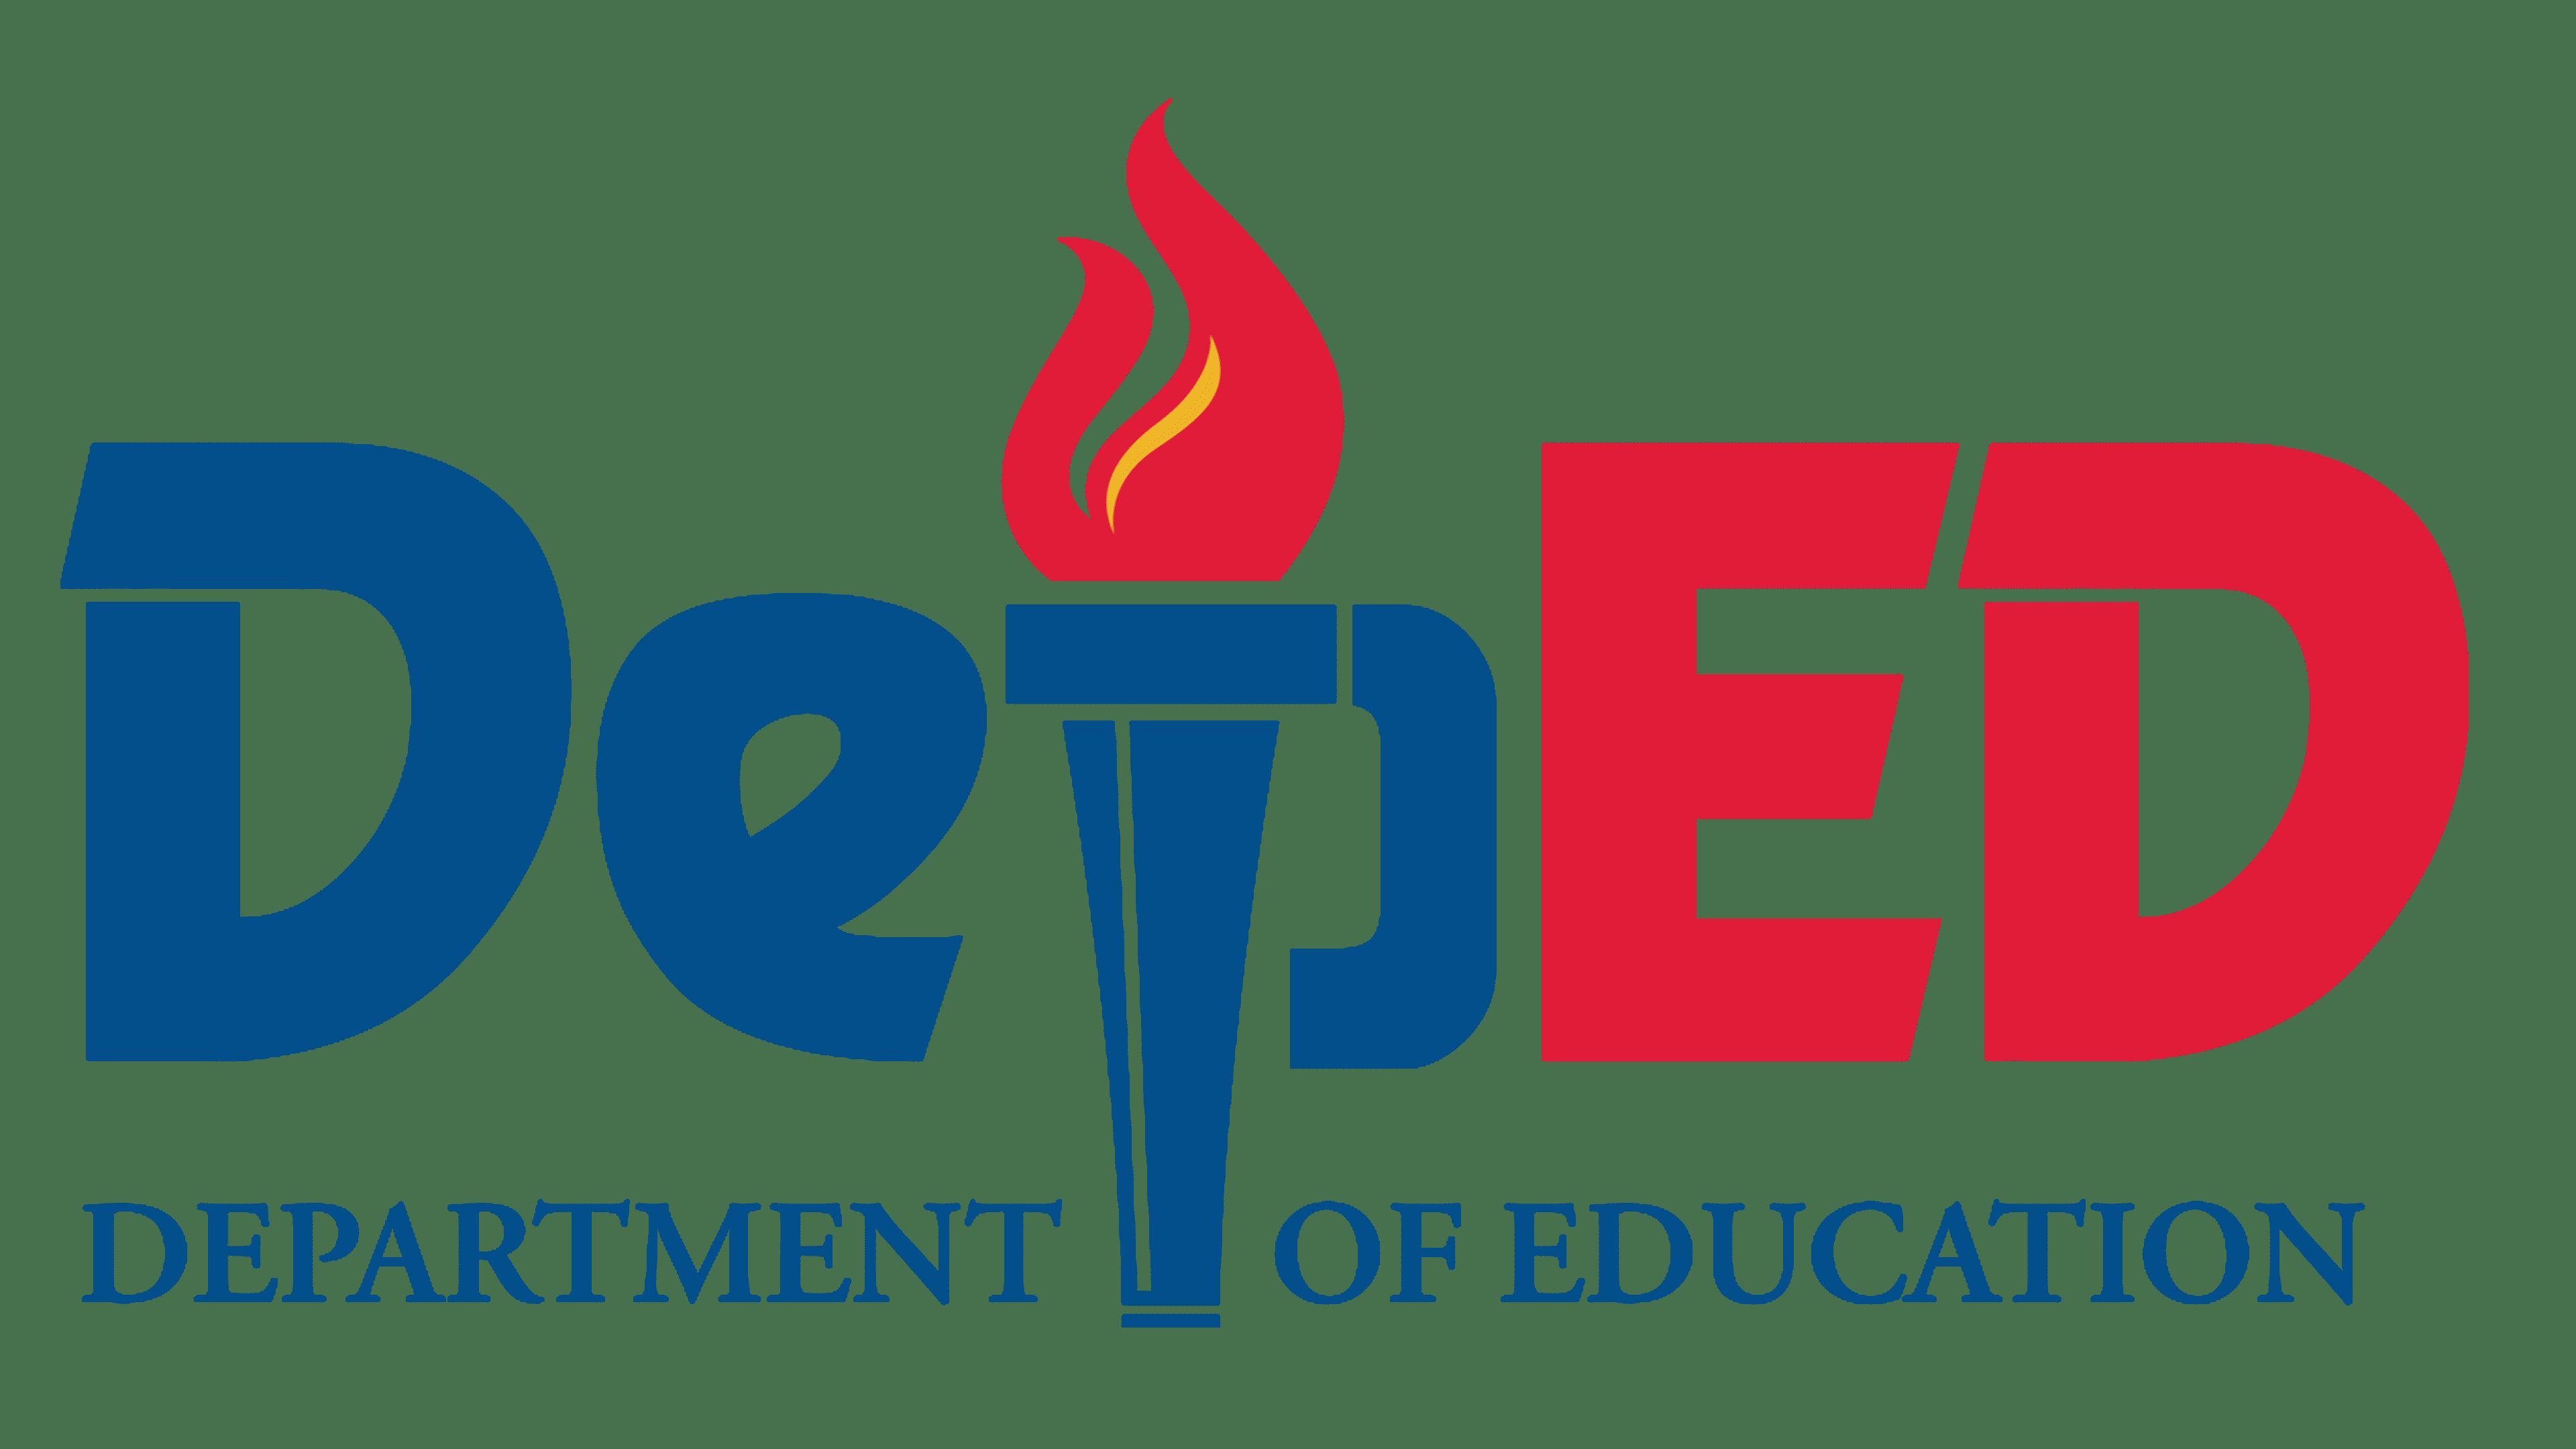 DepEd Logo Logo